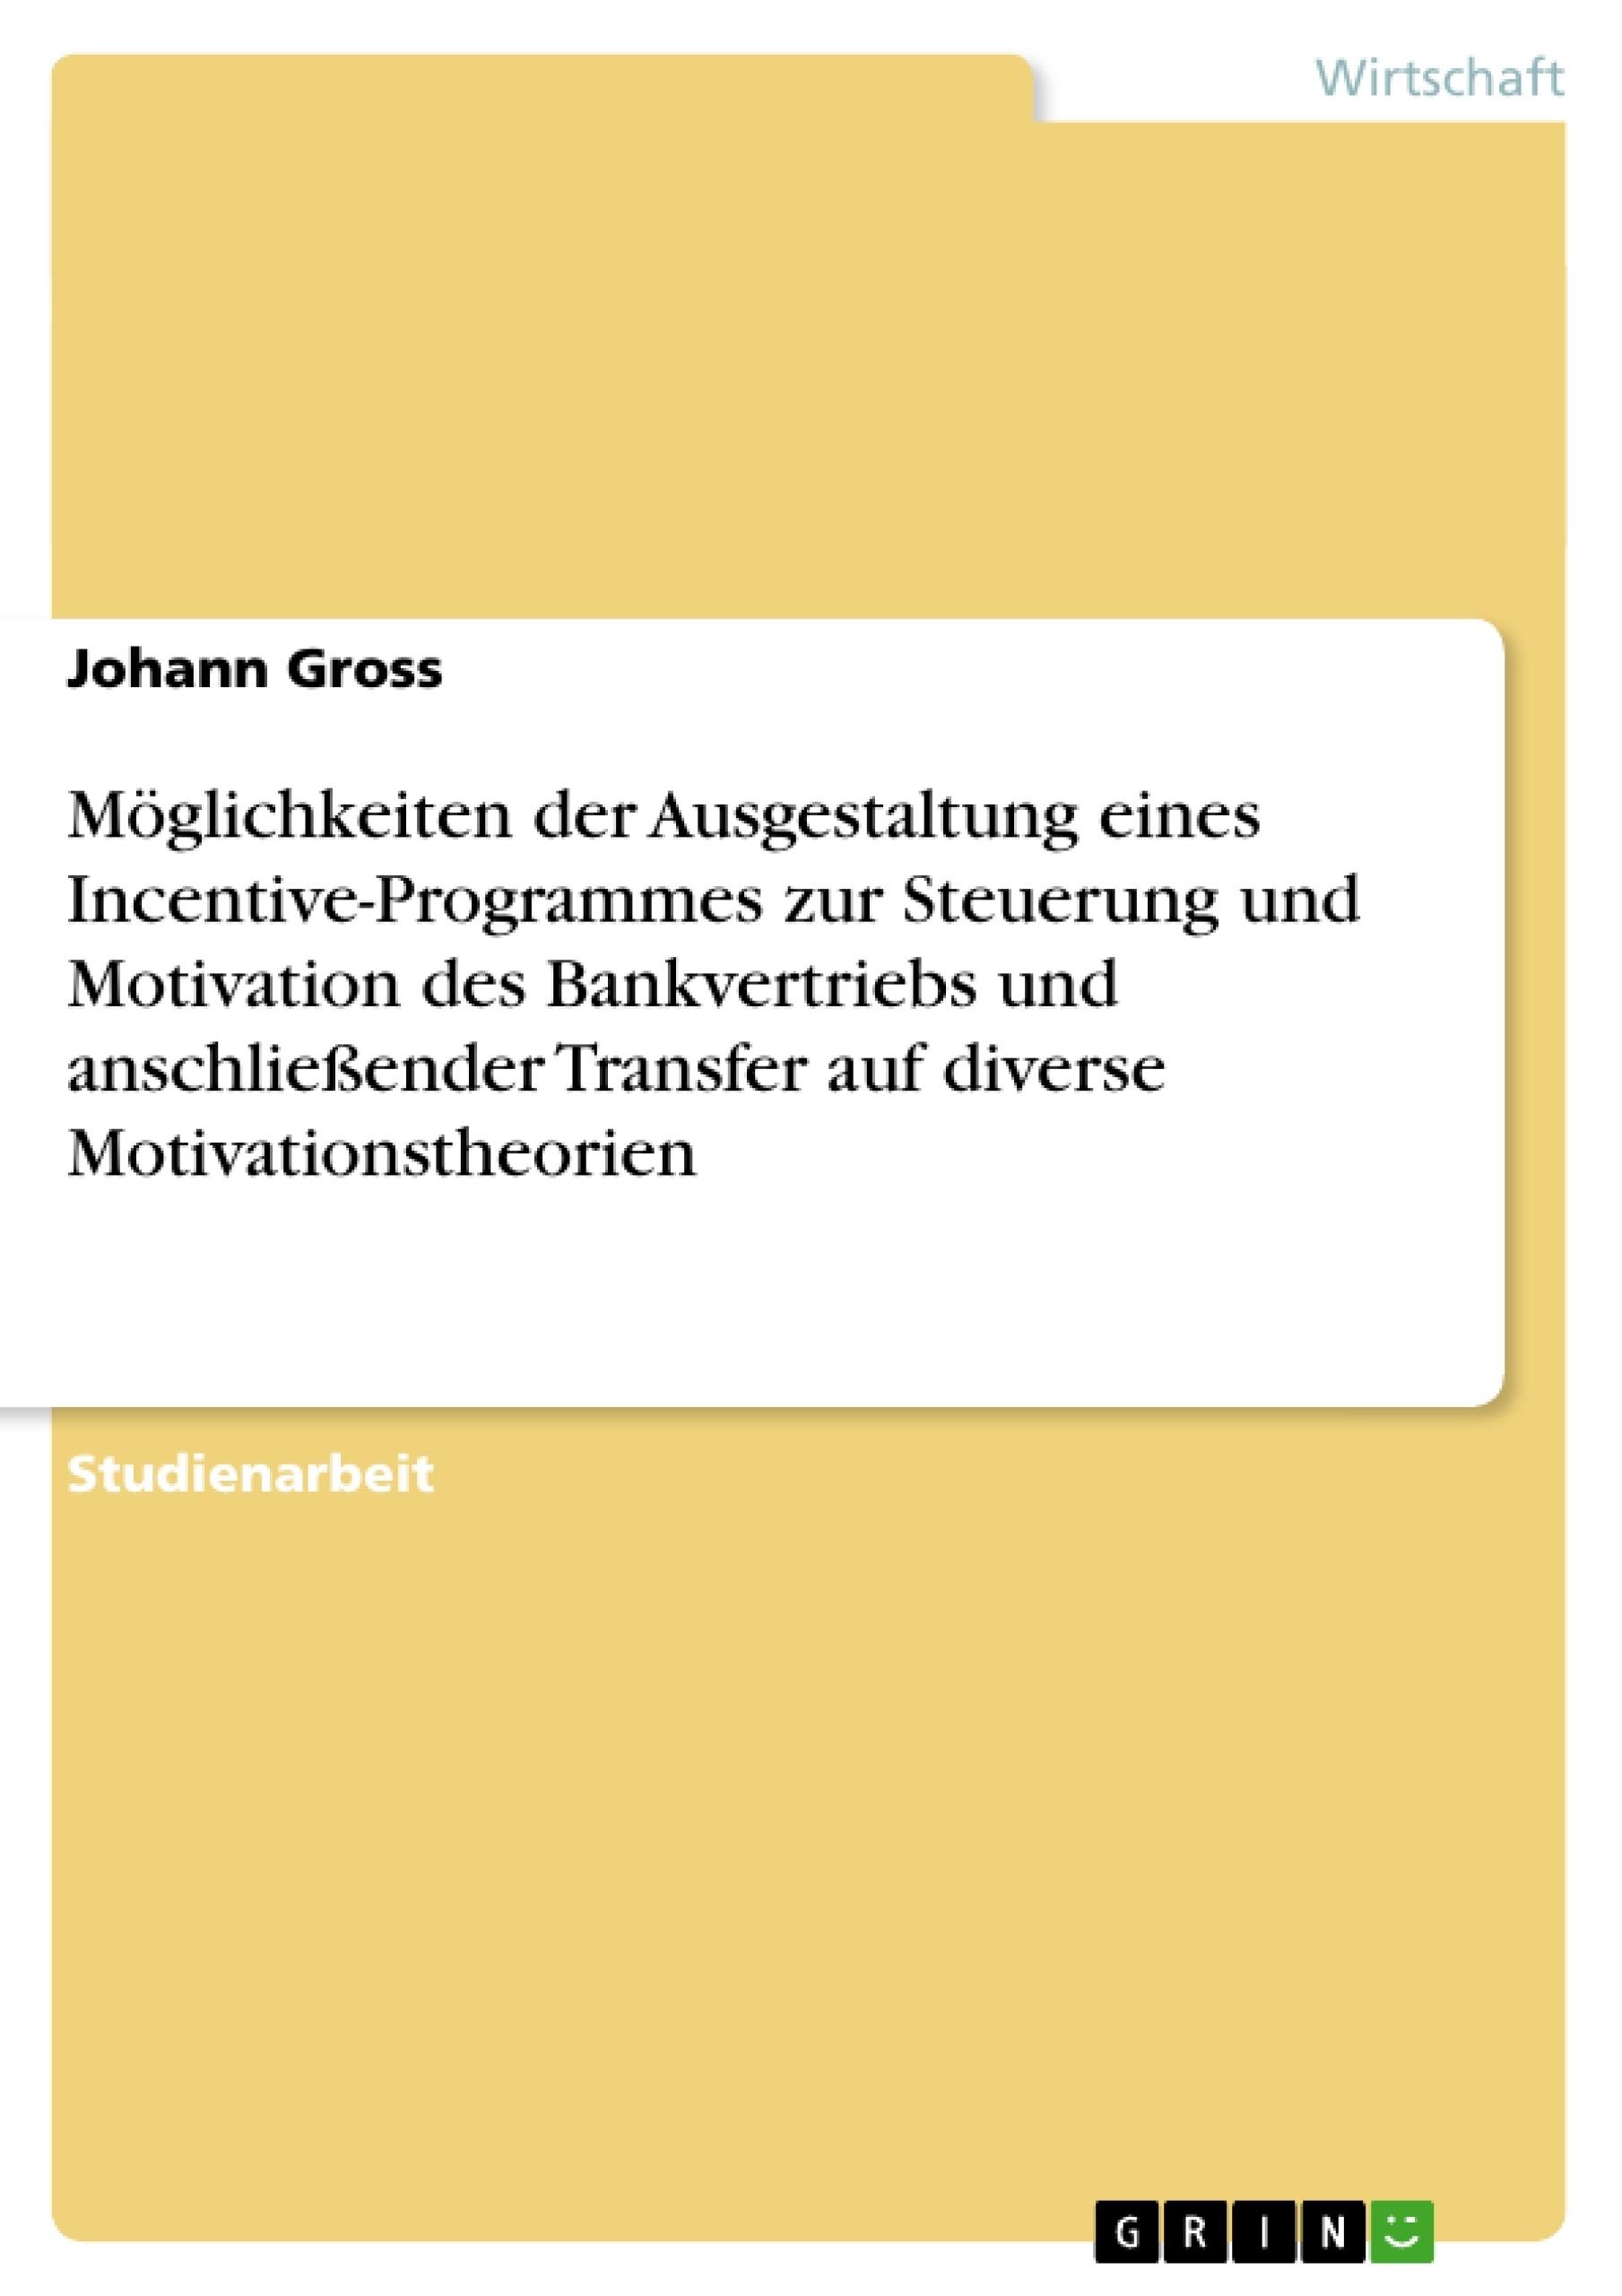 Titel: Möglichkeiten der Ausgestaltung eines Incentive-Programmes zur Steuerung und Motivation des Bankvertriebs und anschließender Transfer auf diverse Motivationstheorien